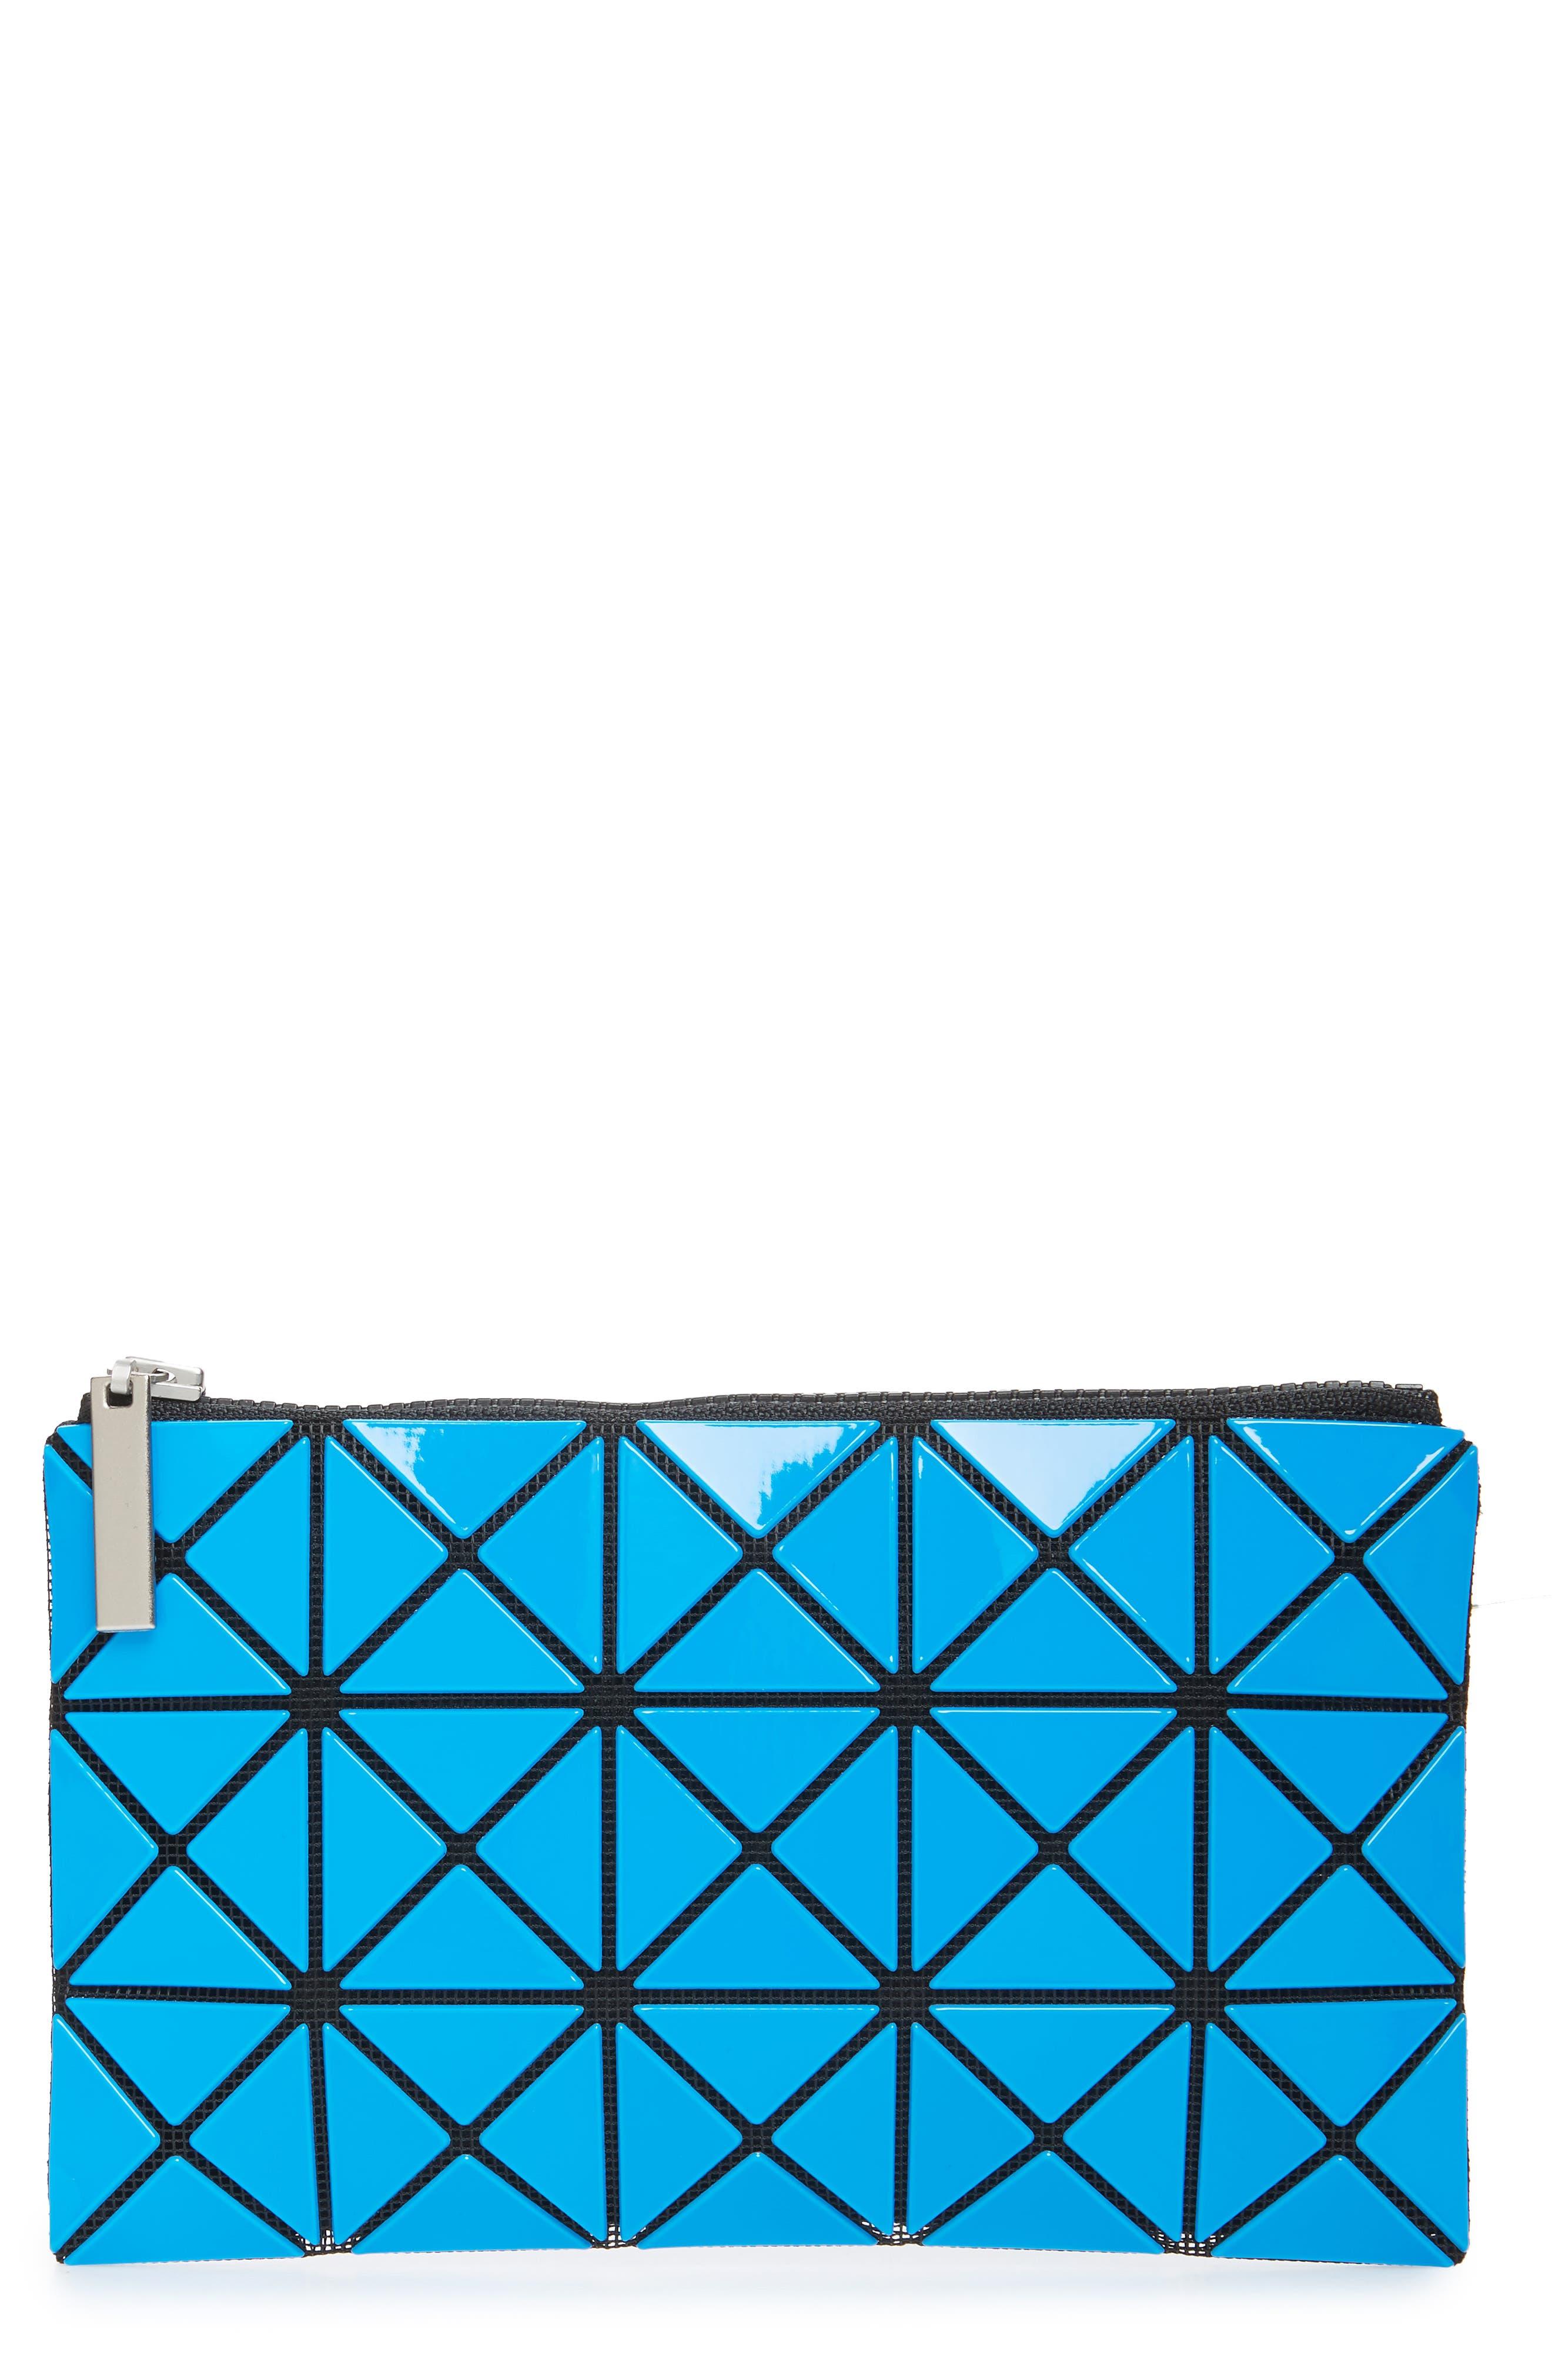 71c7eefb107 Women s Blue Designer Handbags   Wallets